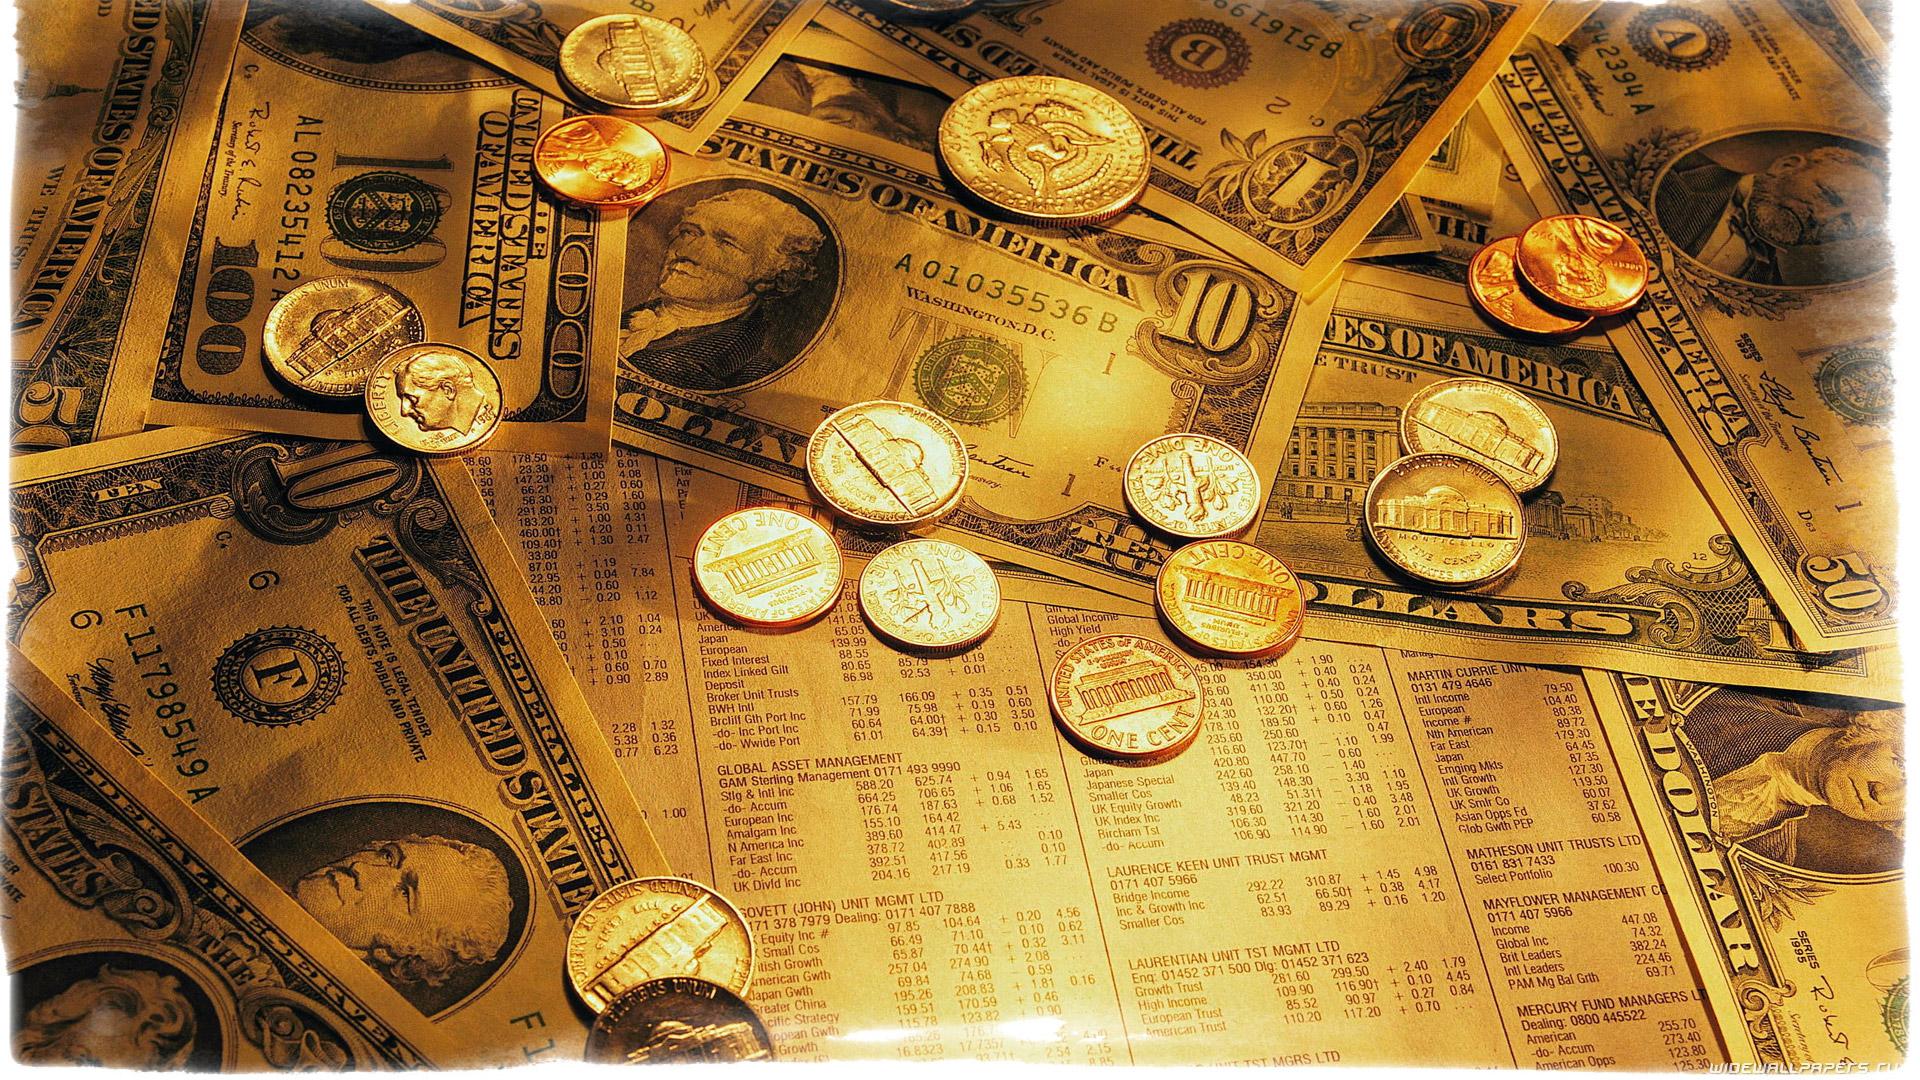 втб банк кредитные карты с льготным периодом